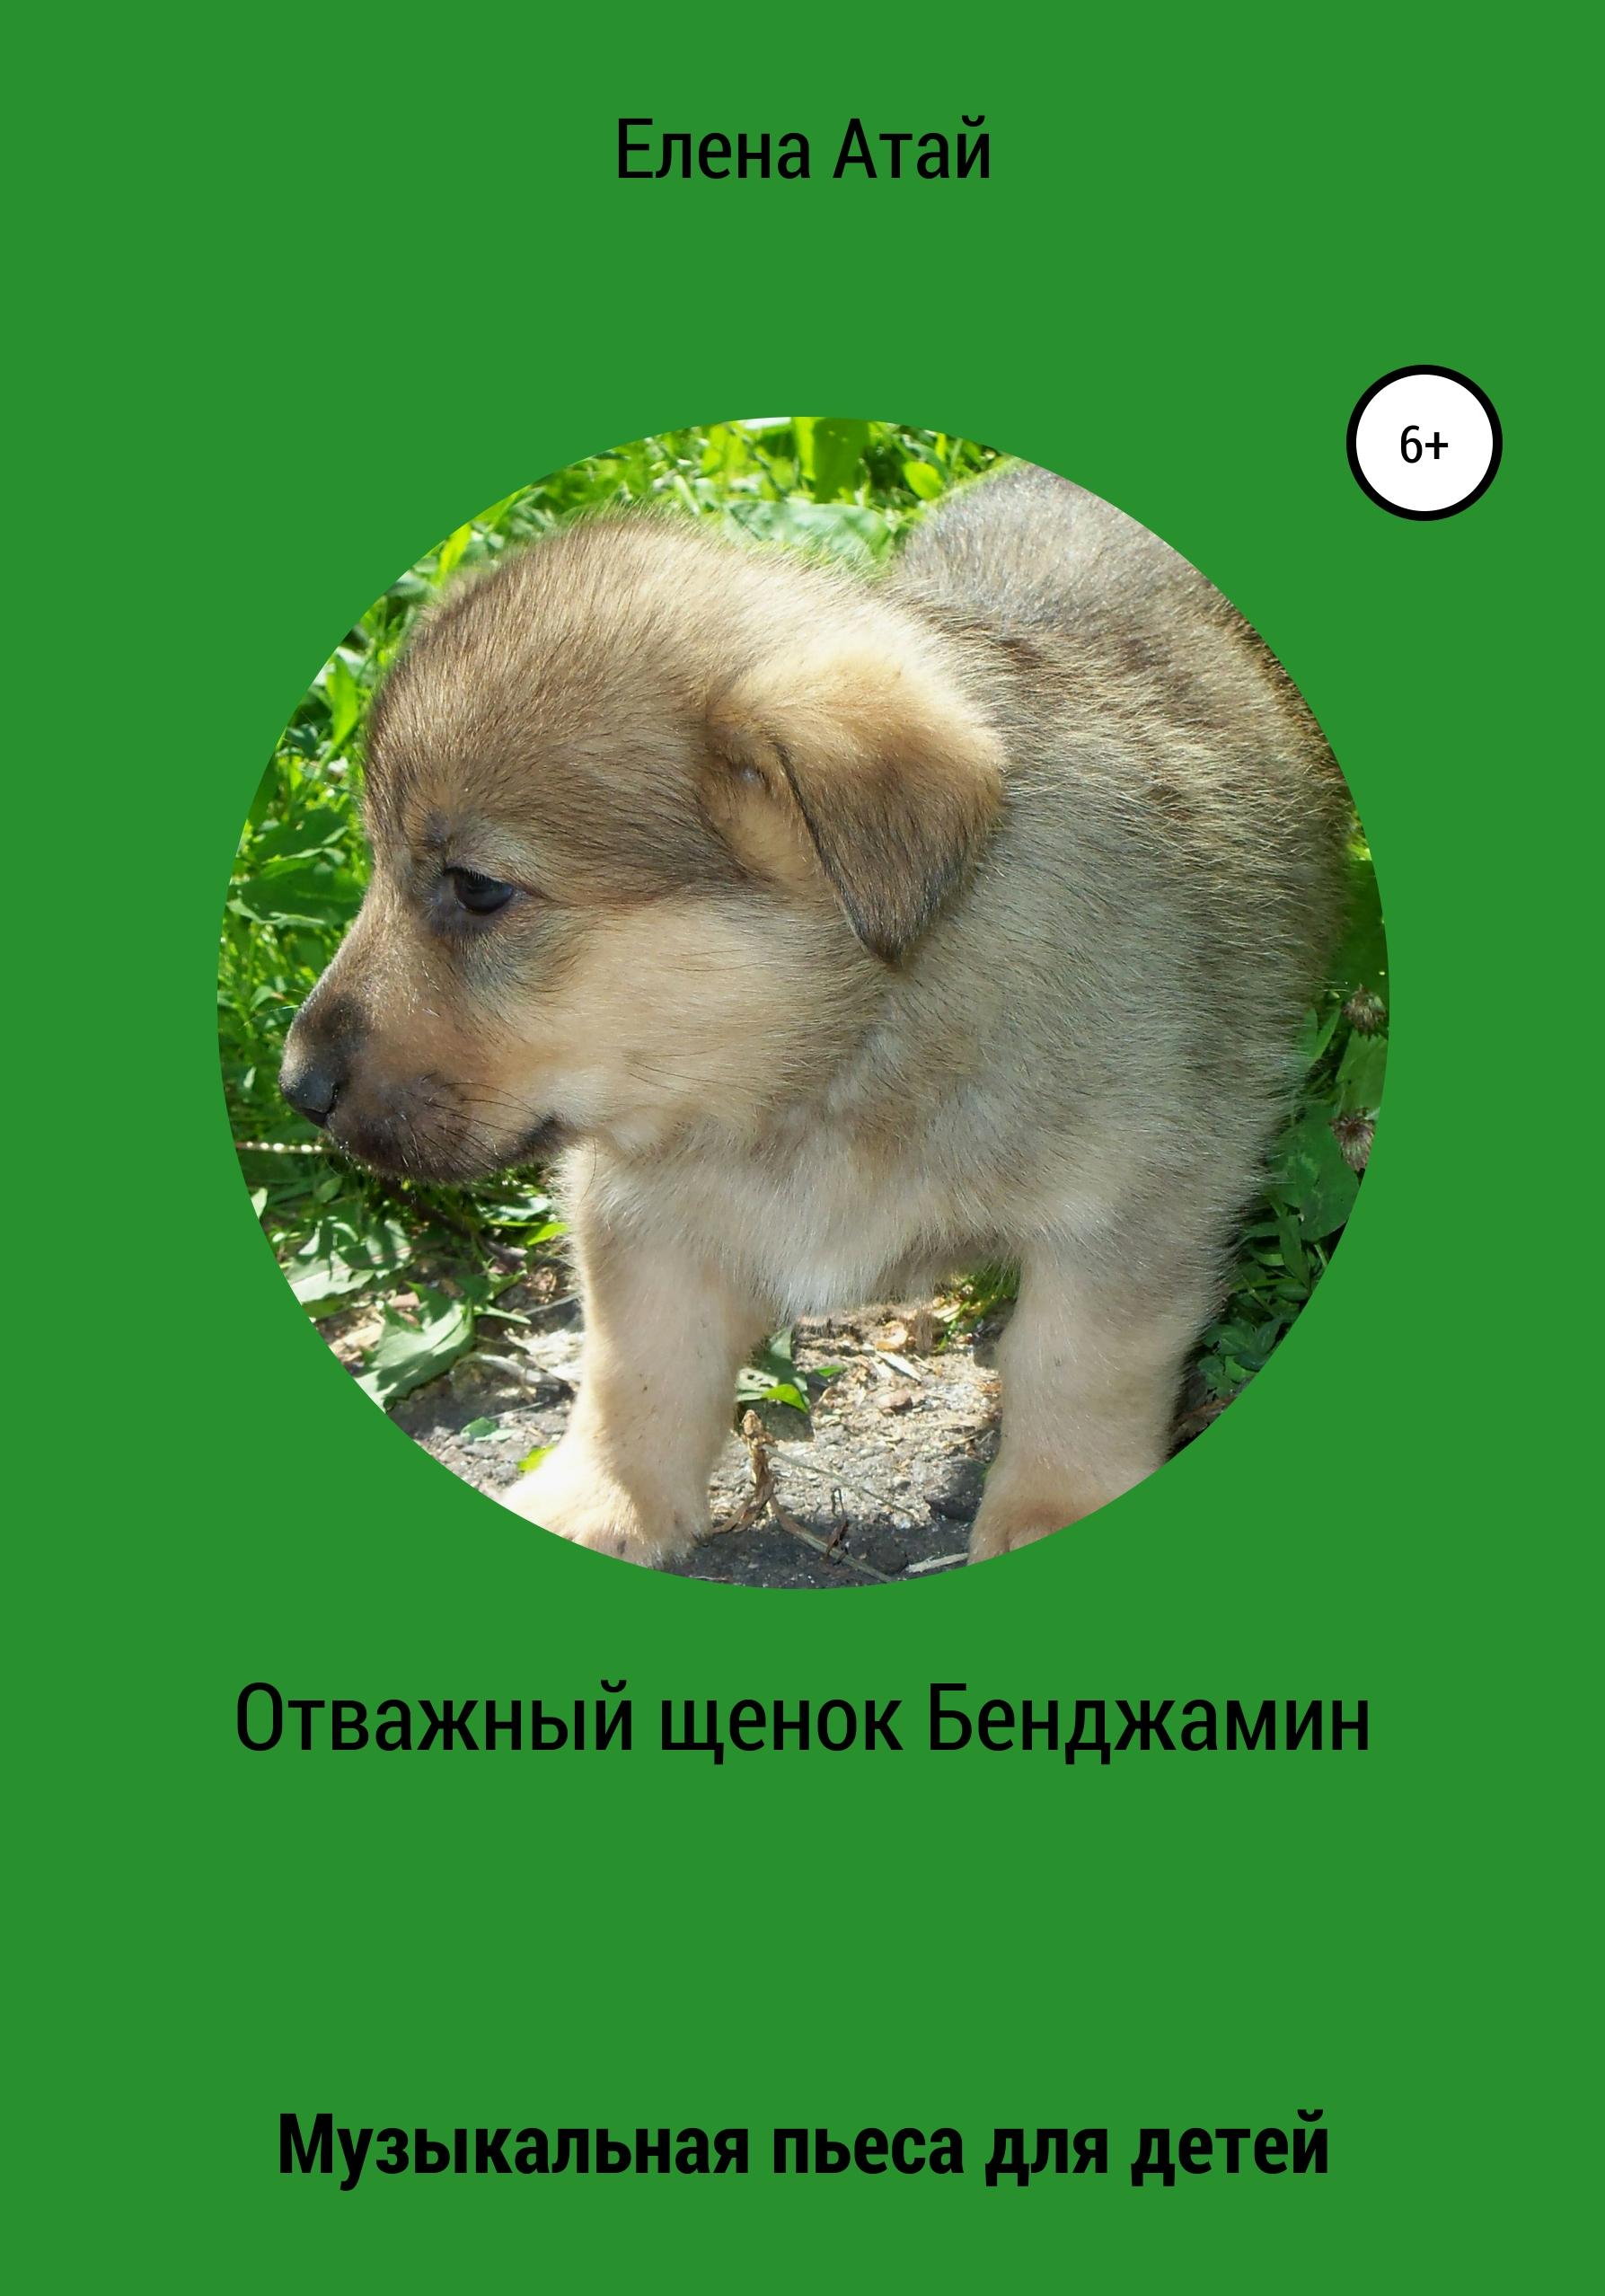 Отважный щенок Бенджамин. Музыкальная пьеса для детей